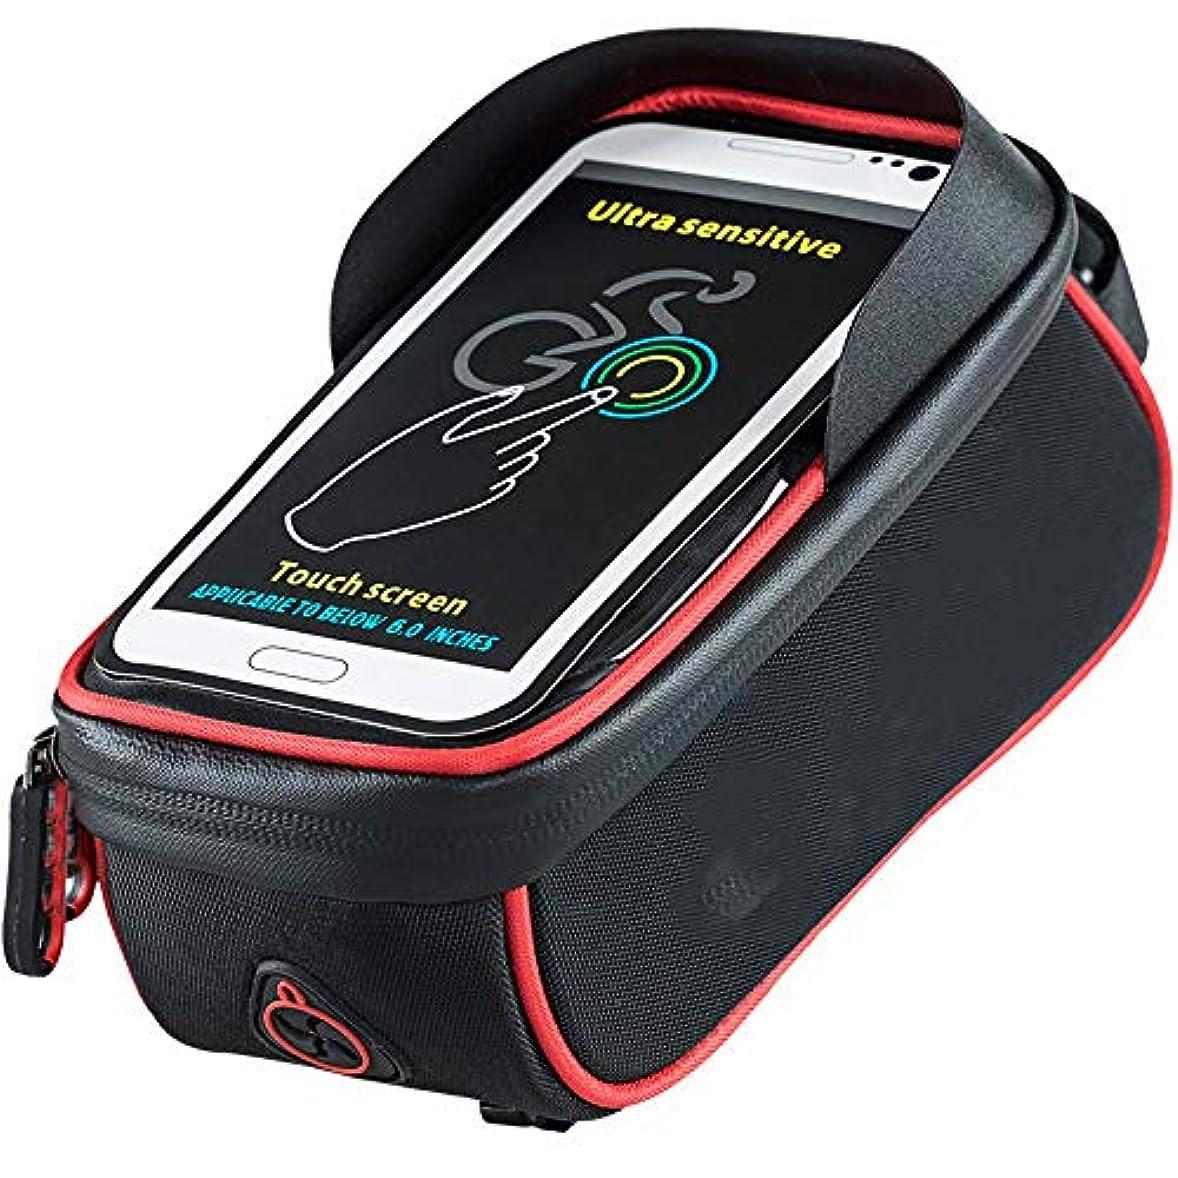 ラックリラックスした愛自転車シートパックバッグ、自転車バッグ防水フロントビームバッグマウンテンバイク機器チューブにフロントバッグに乗って、6.0